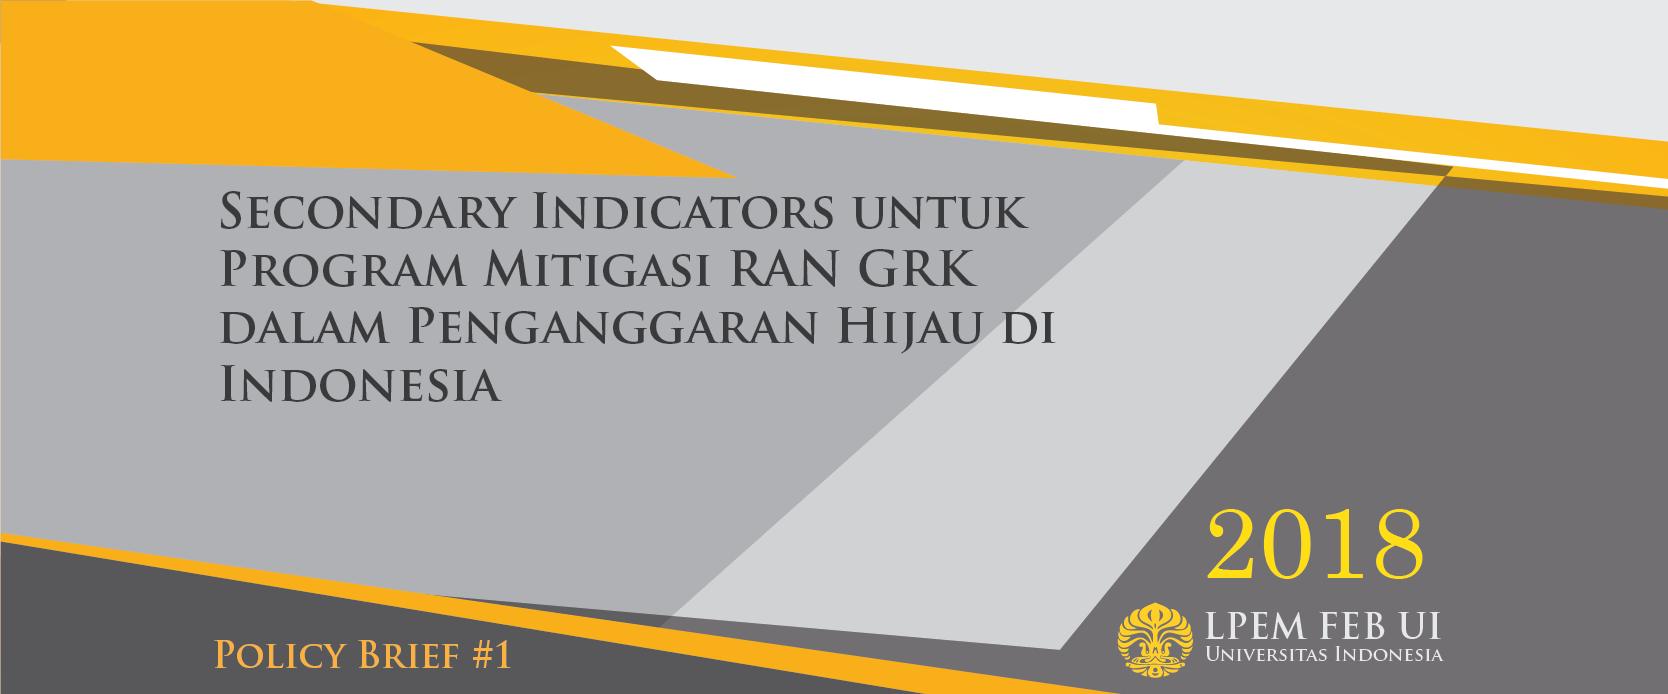 Policy Brief #1 : Secondary Indicators untuk Program Mitigasi RAN GRK dalam Penganggaran Hijau di Indonesia